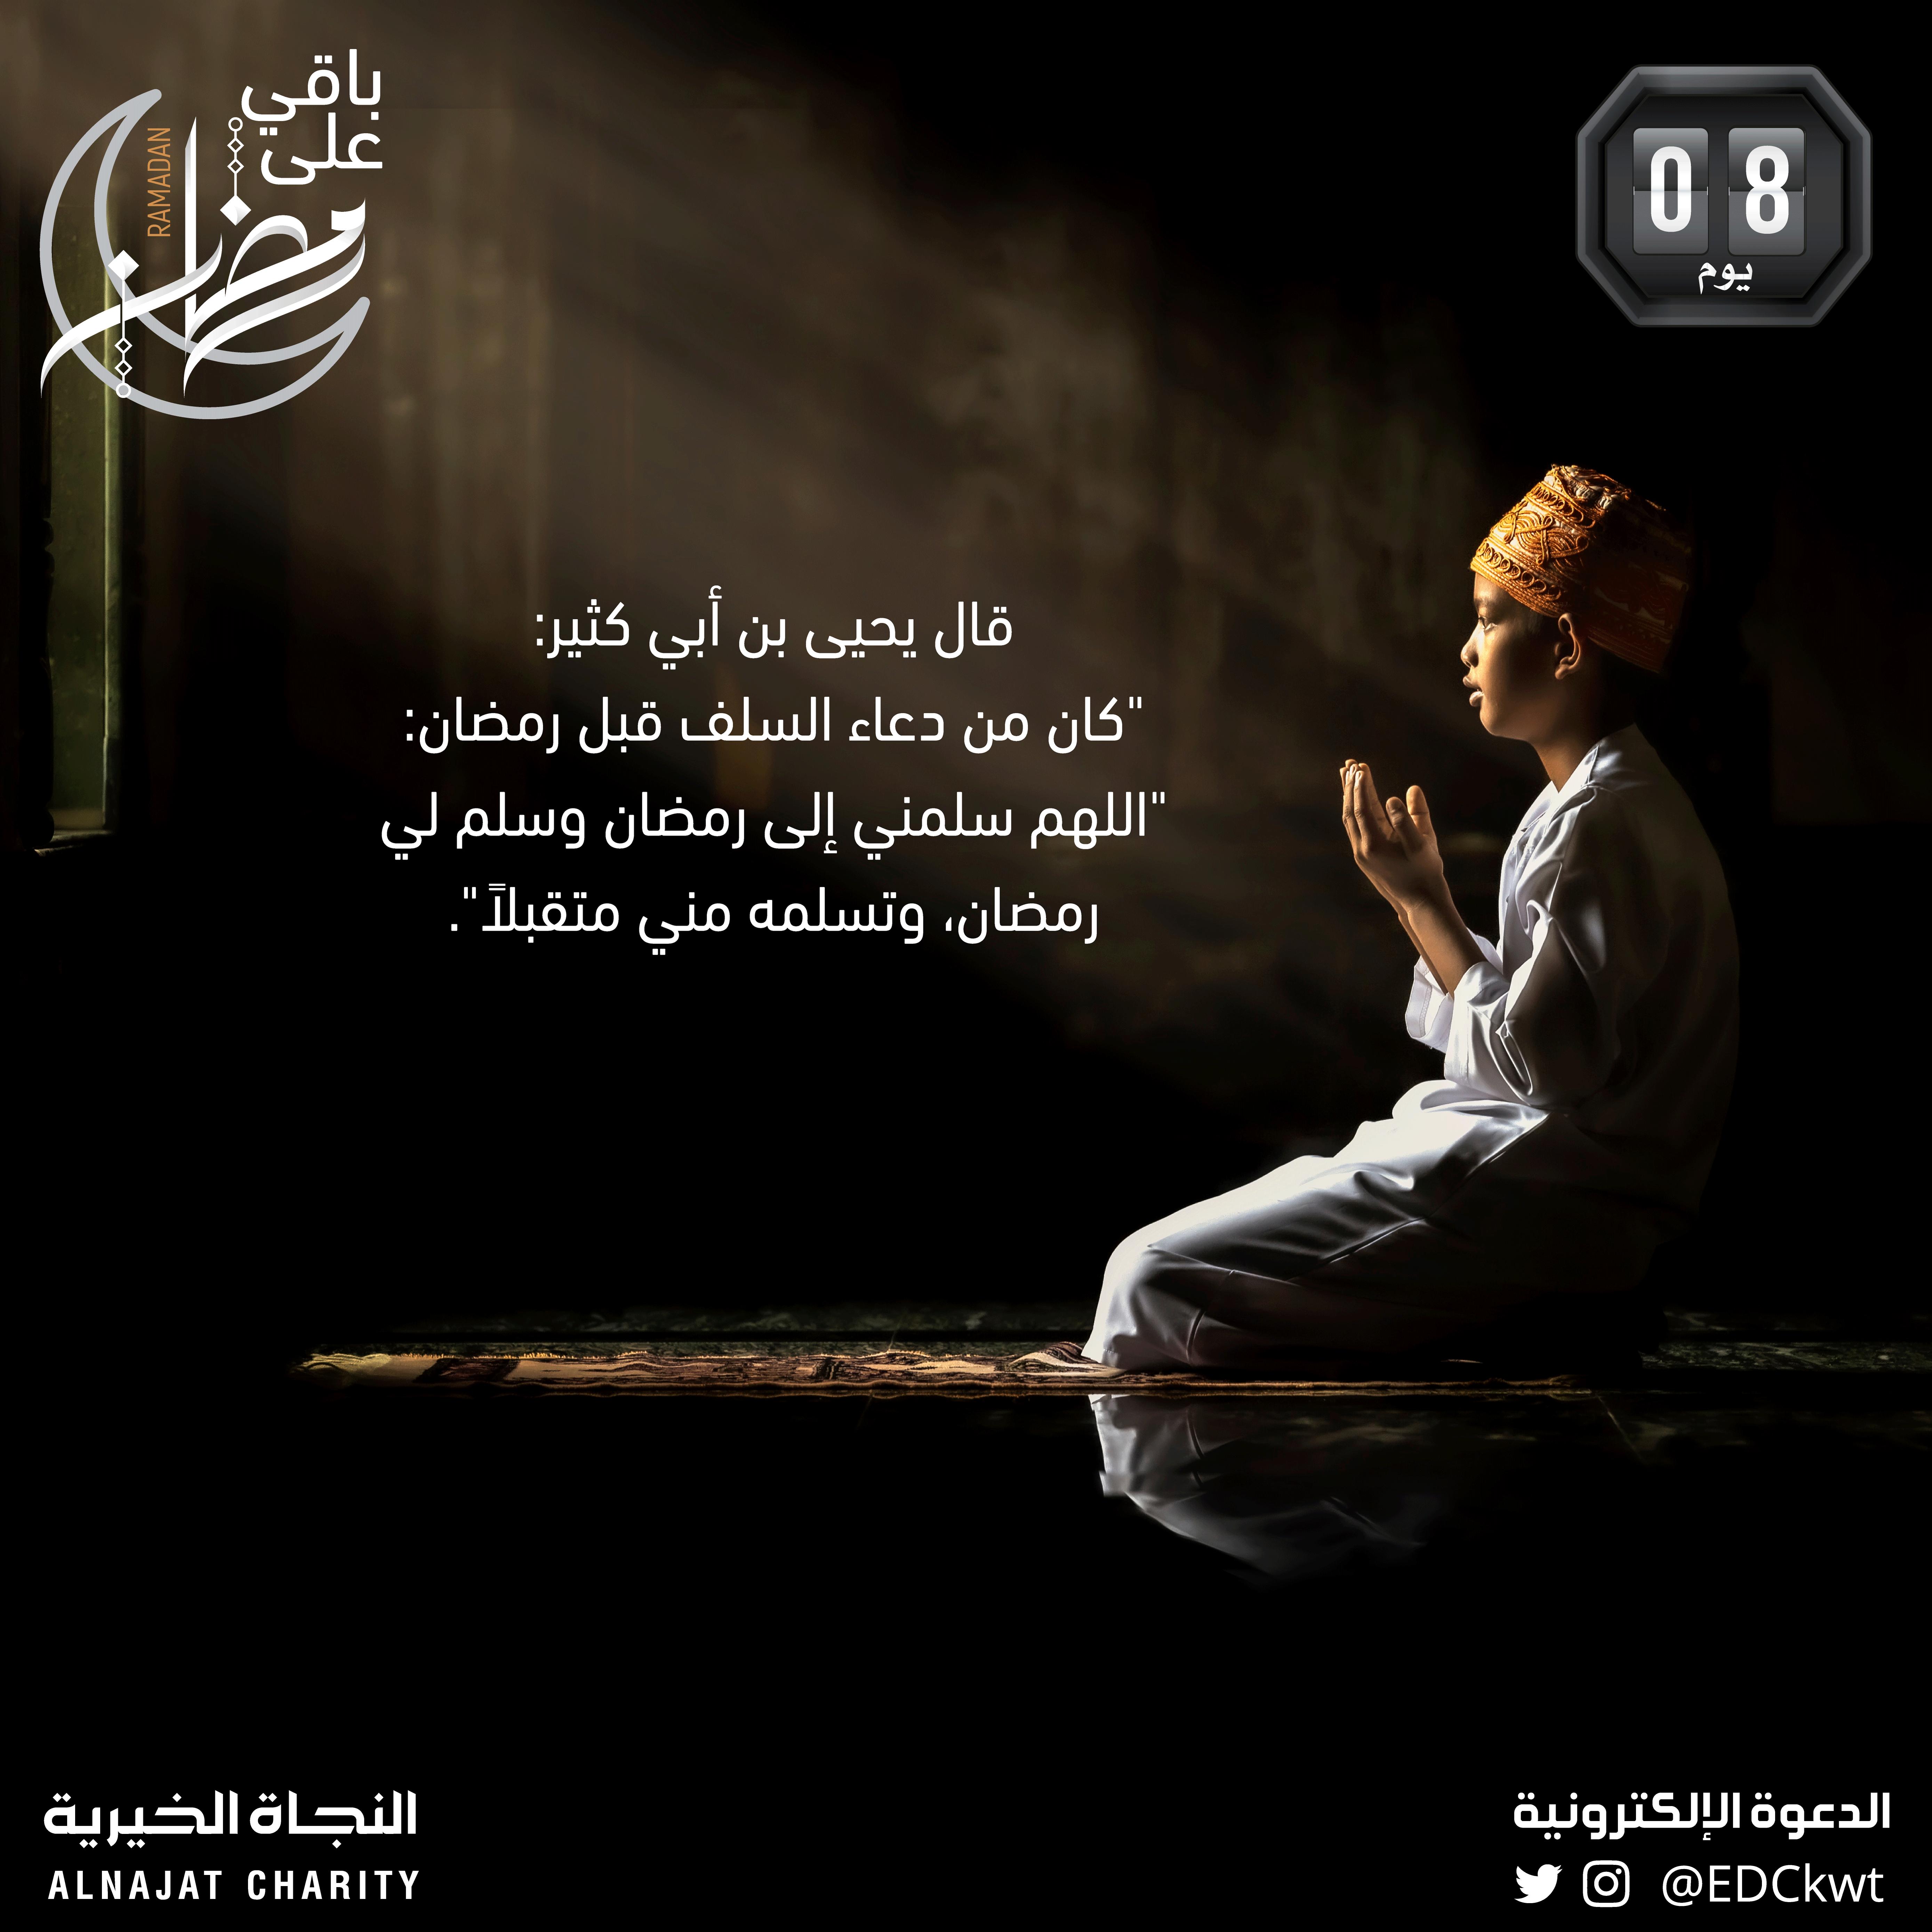 اللهم سلمني إلى رمضان